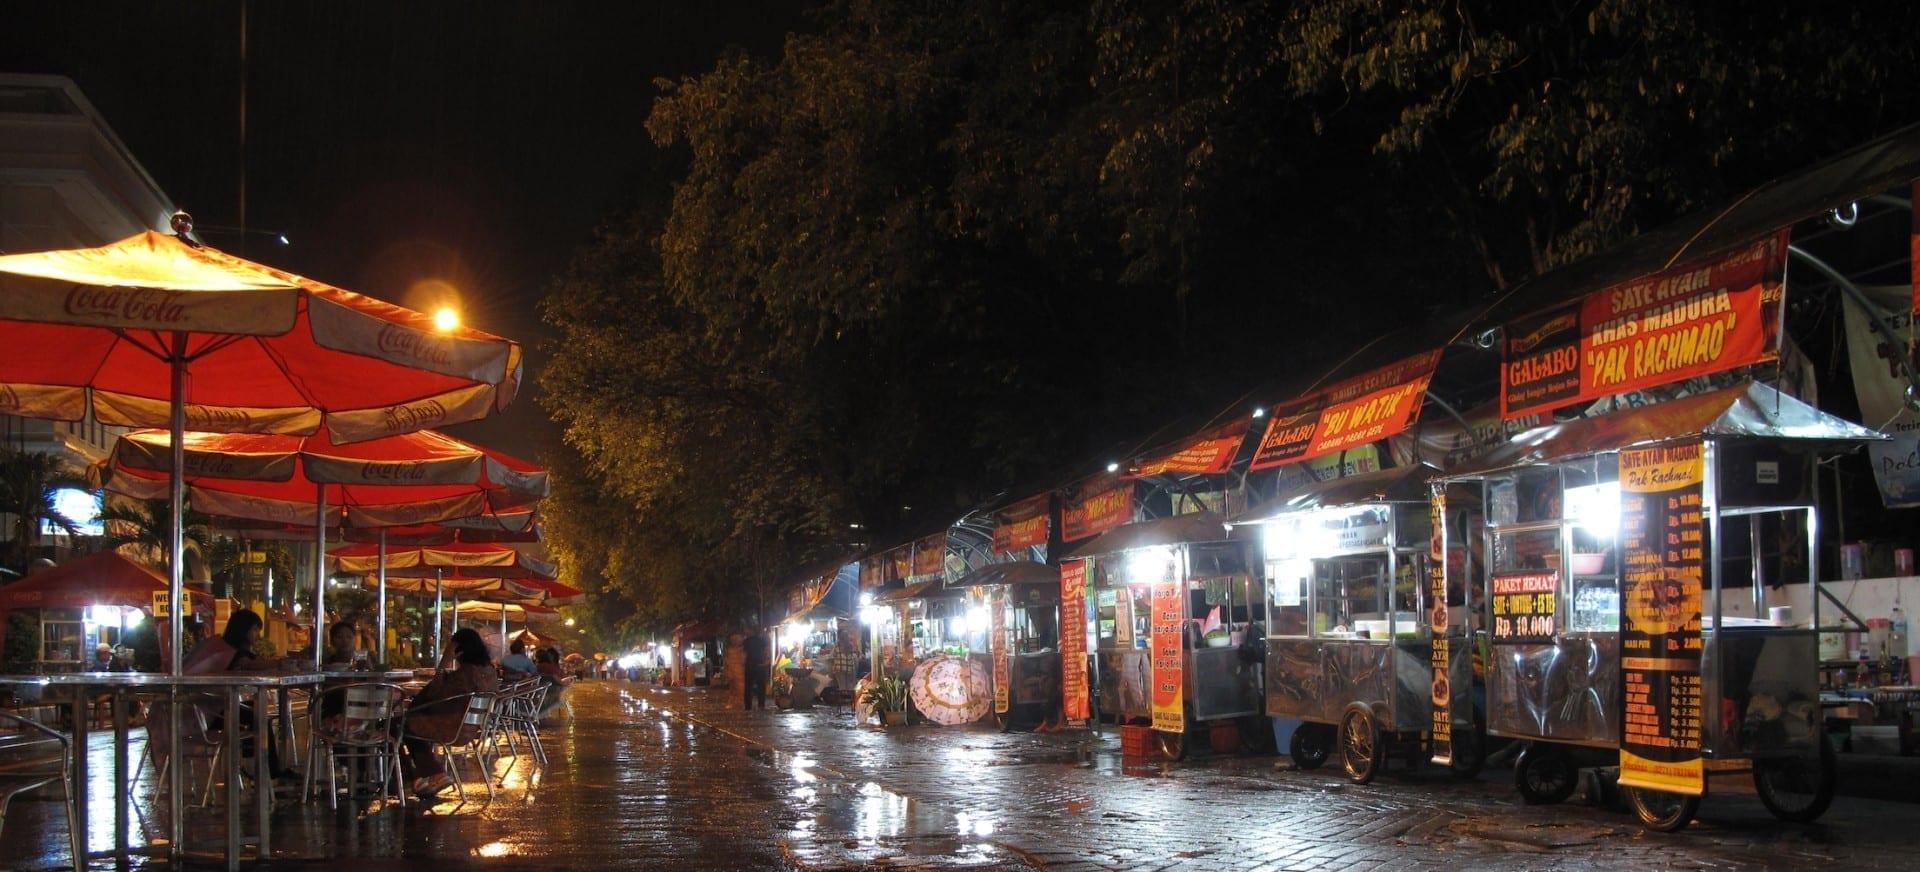 Galabo, un mercado nocturno al aire libre Solo Indonesia